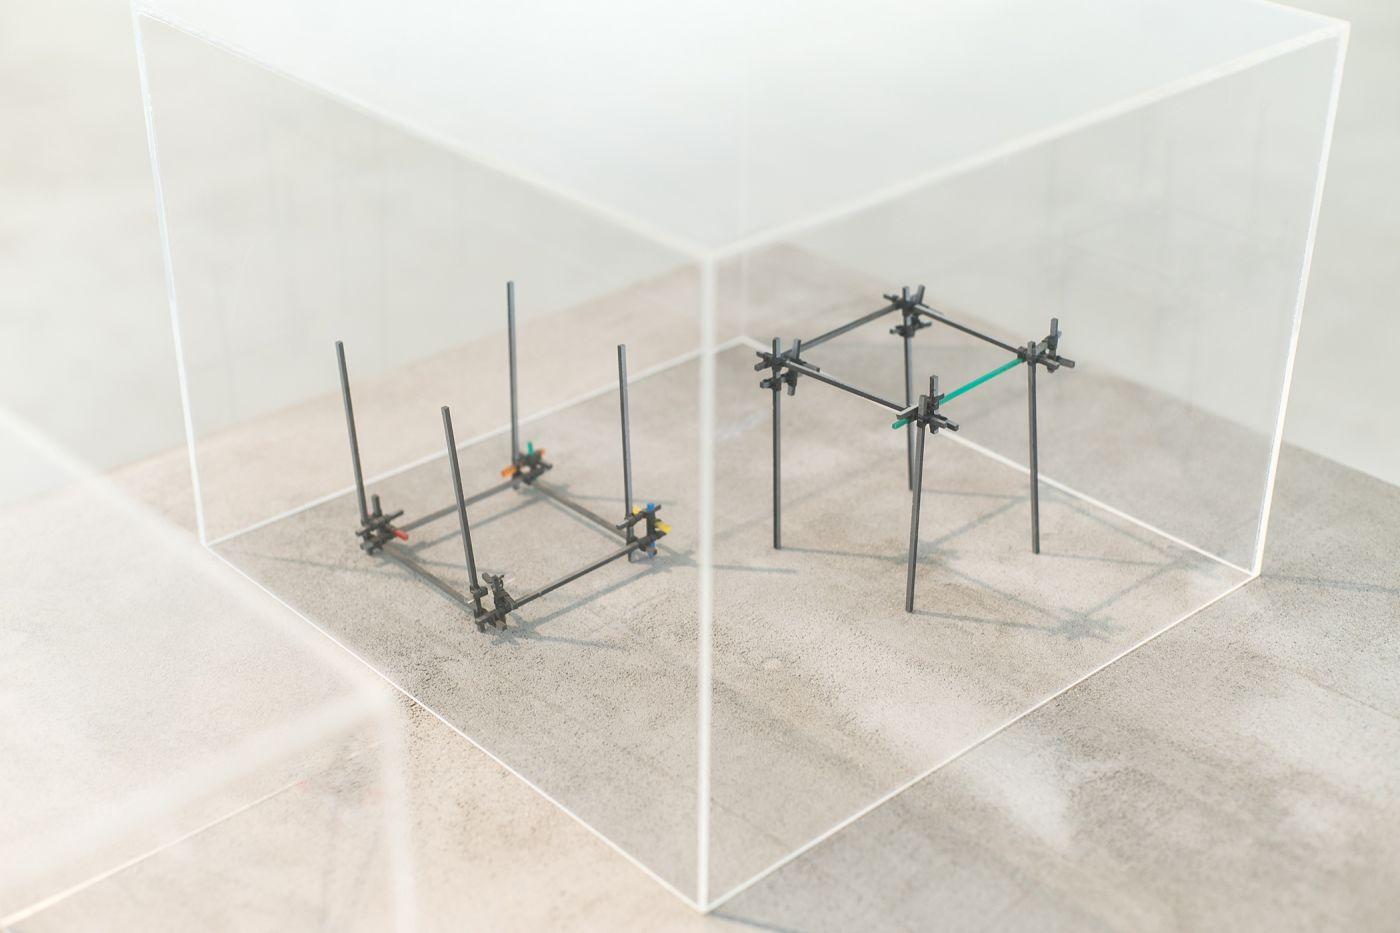 """Leonardo Mosso, Strutture, 1987, Sistema strutturale a giunto elastico """"Laura"""" (1970), Elementi modulari in materie plastiche policrome, giunti in neoprene, 10 x 14 x 14 cm"""